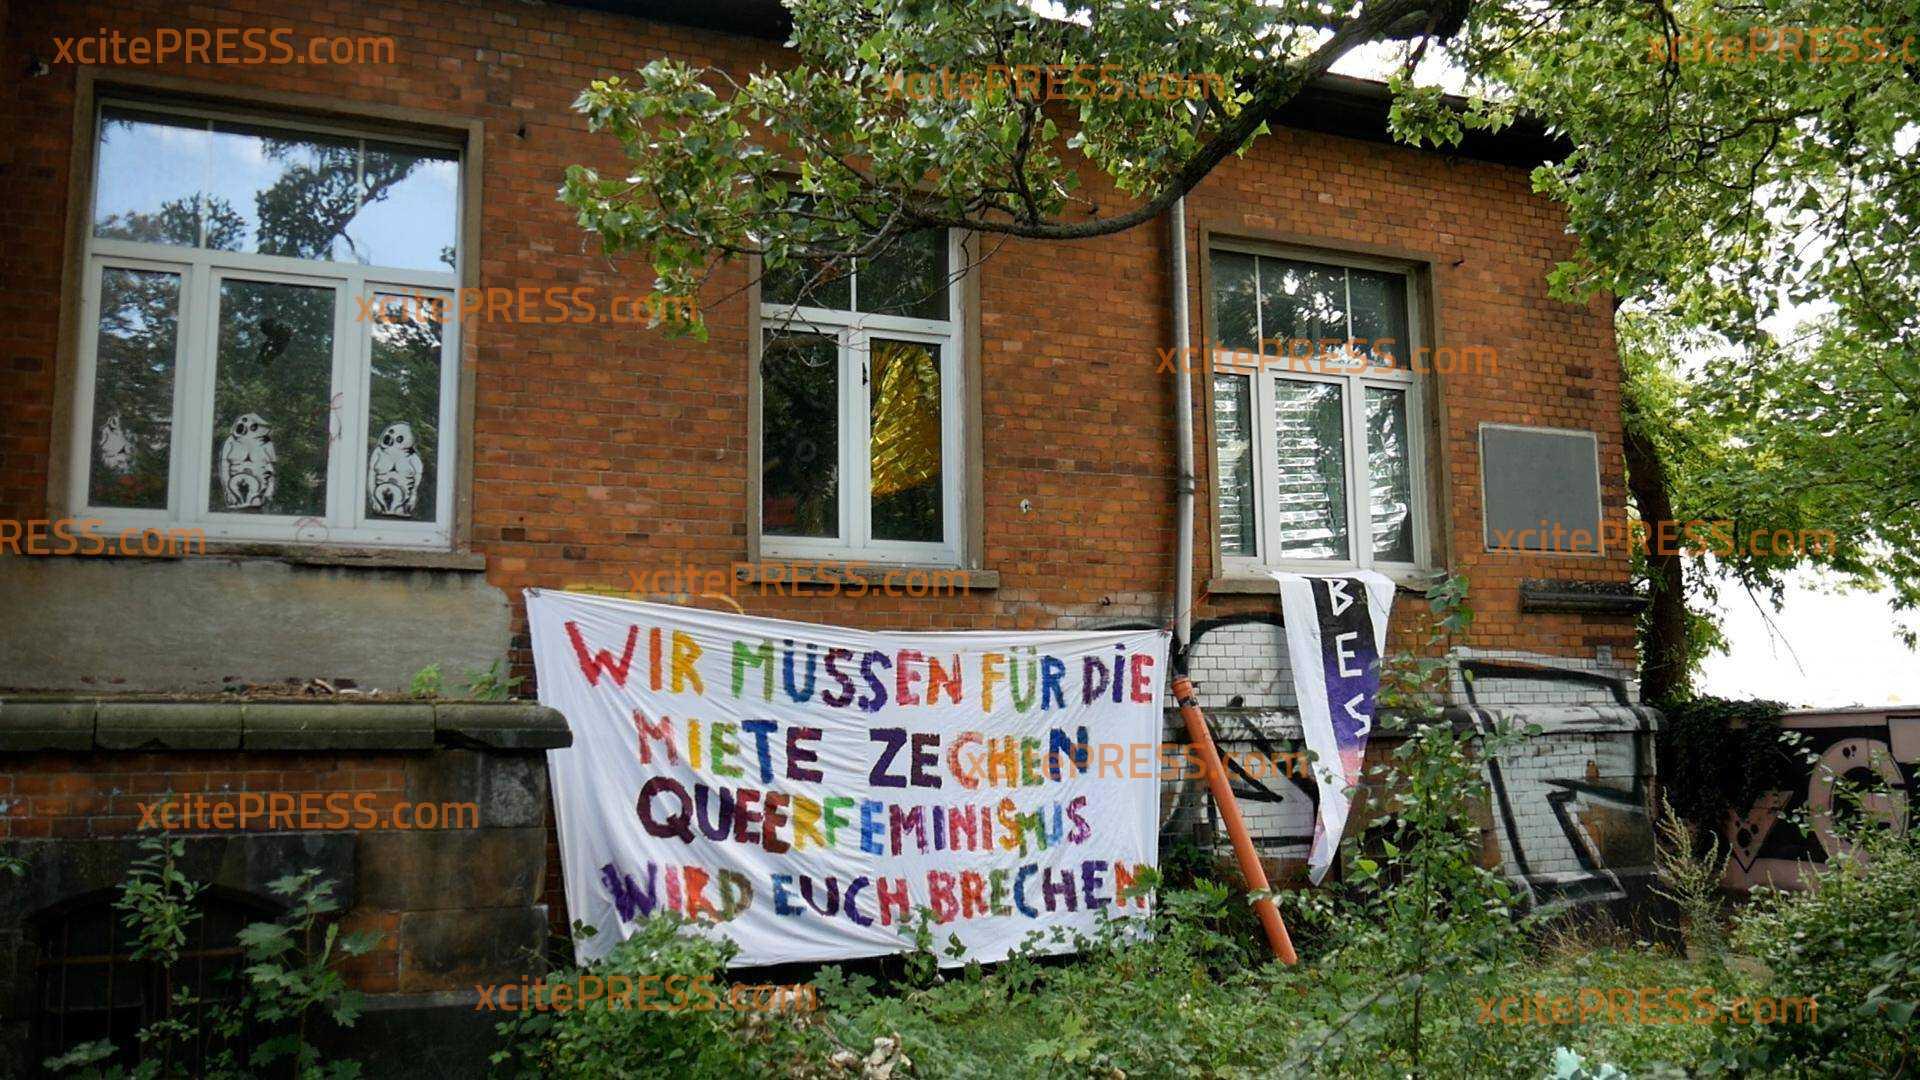 Erneute Hausbesetzung in Dresden: Polizei räumt Besetzer vom Dach